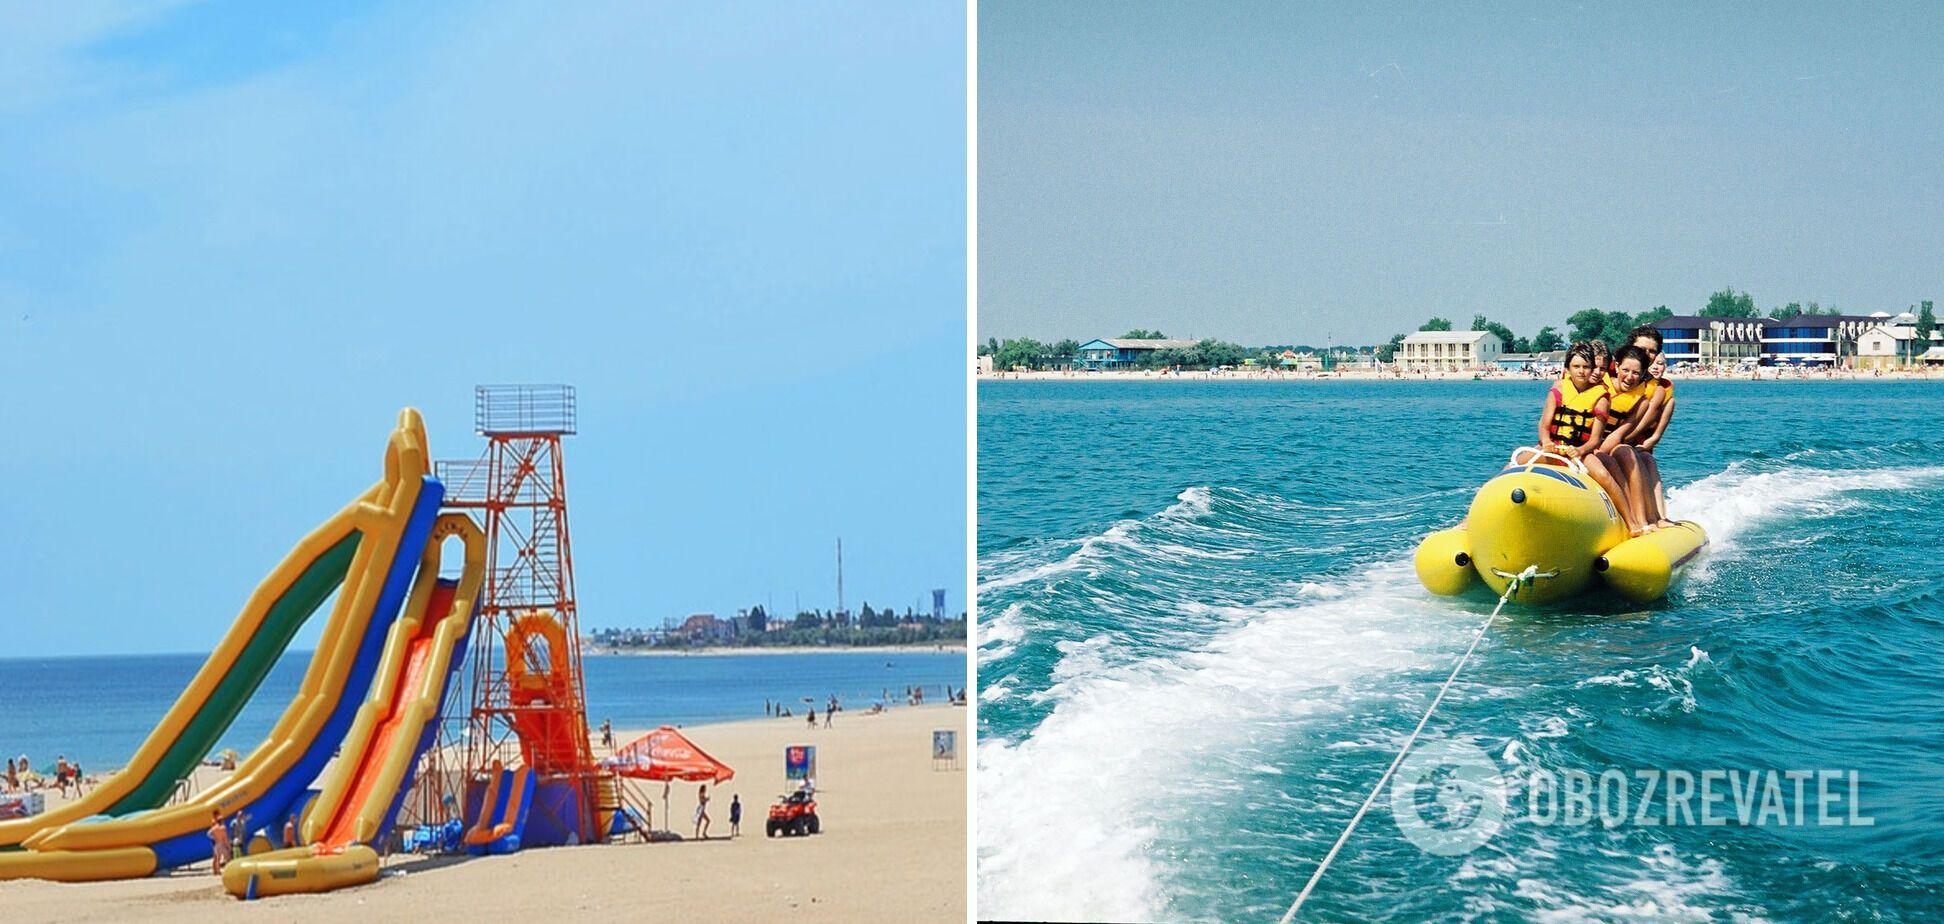 На общественных пляжах есть водные развлечения для туристов.